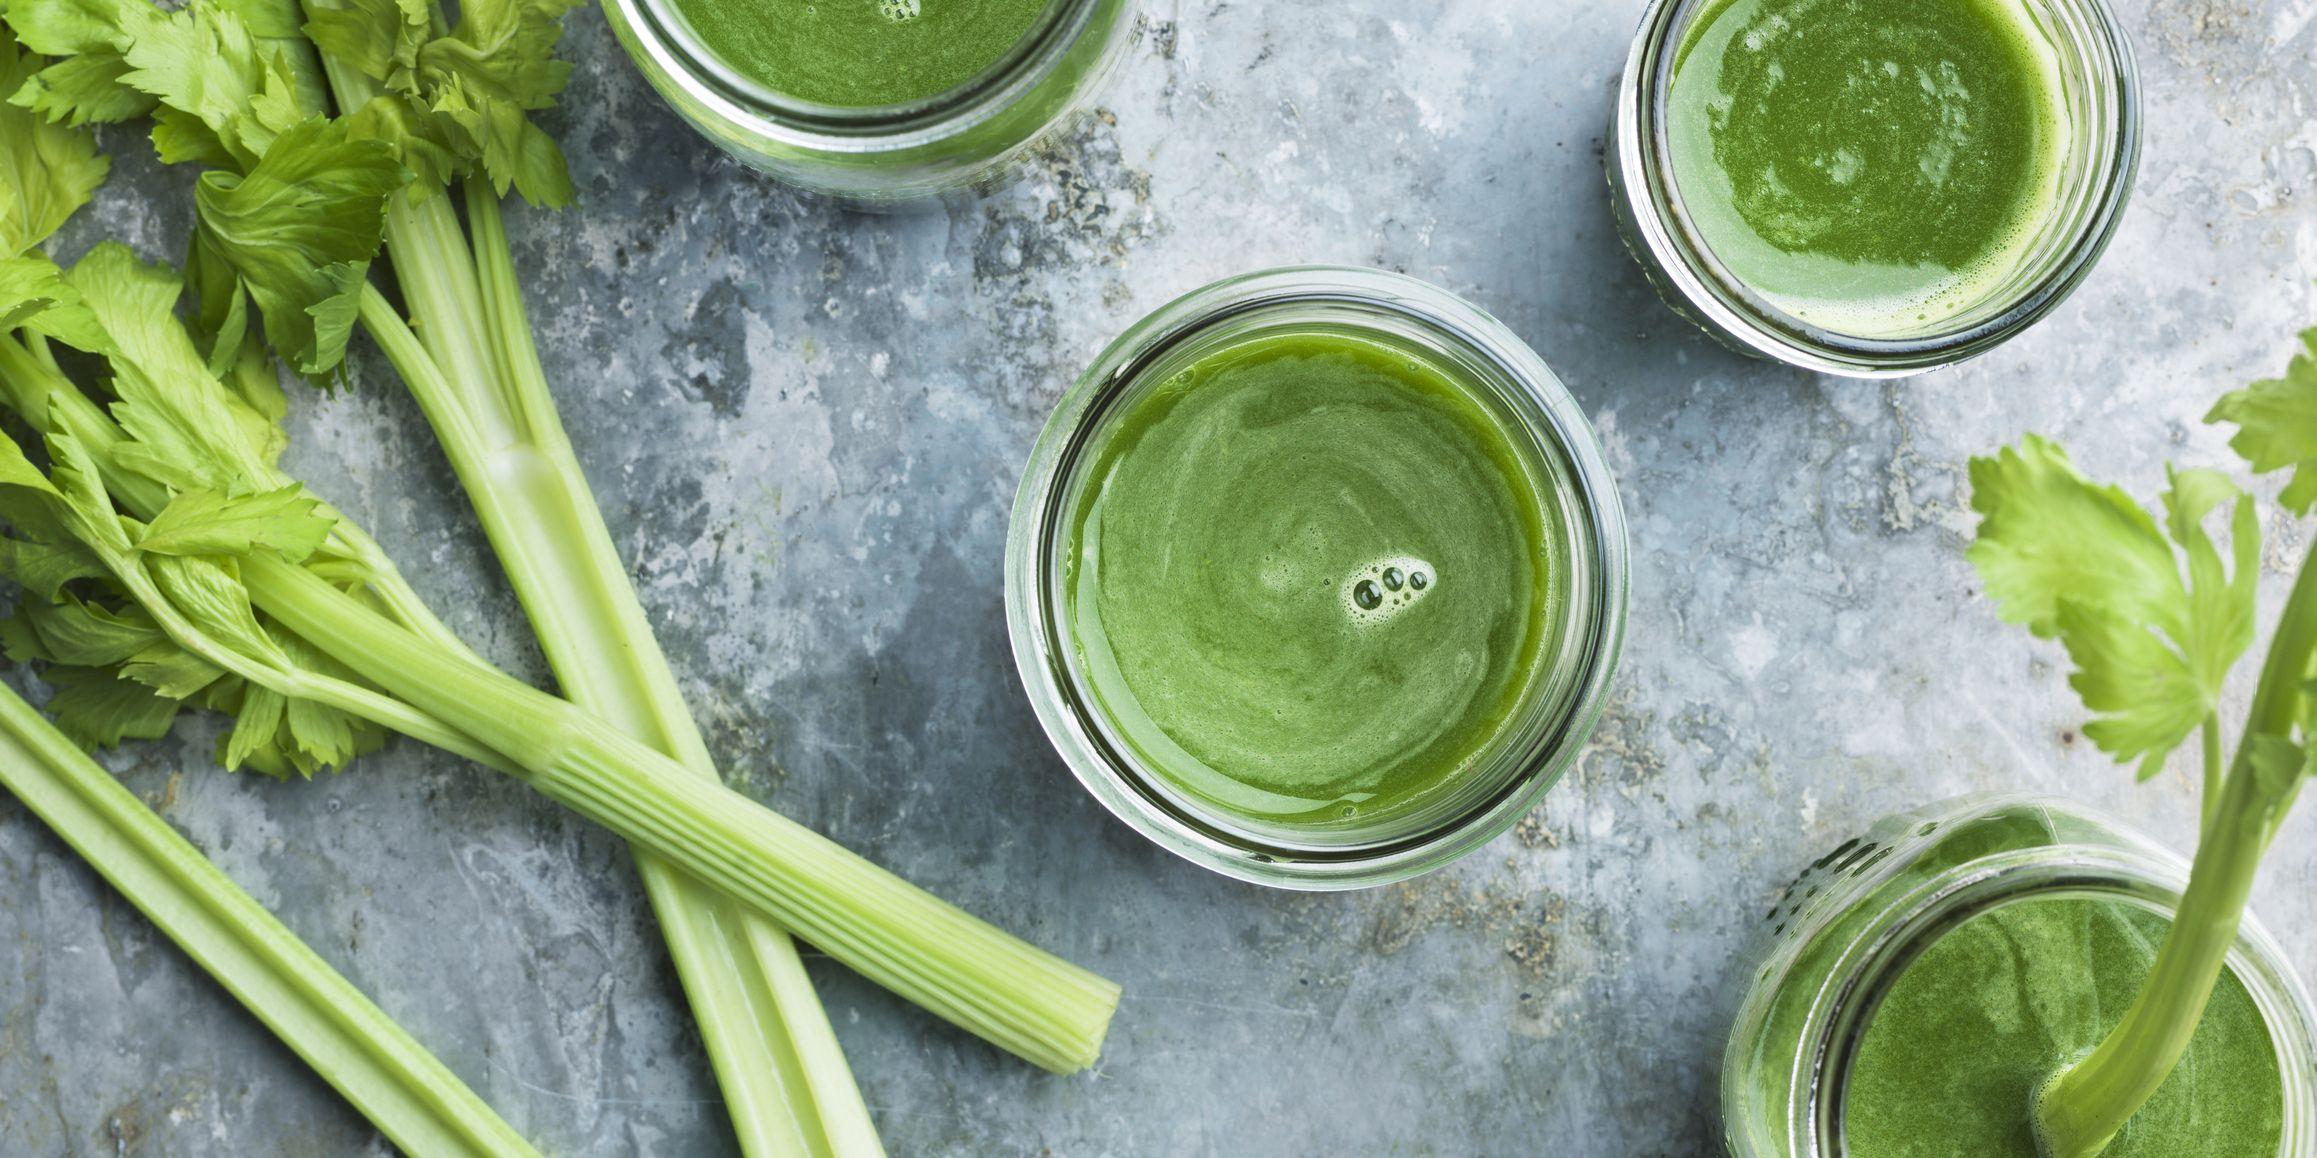 Selderij sap, celery juice gemaakt van verse selderij